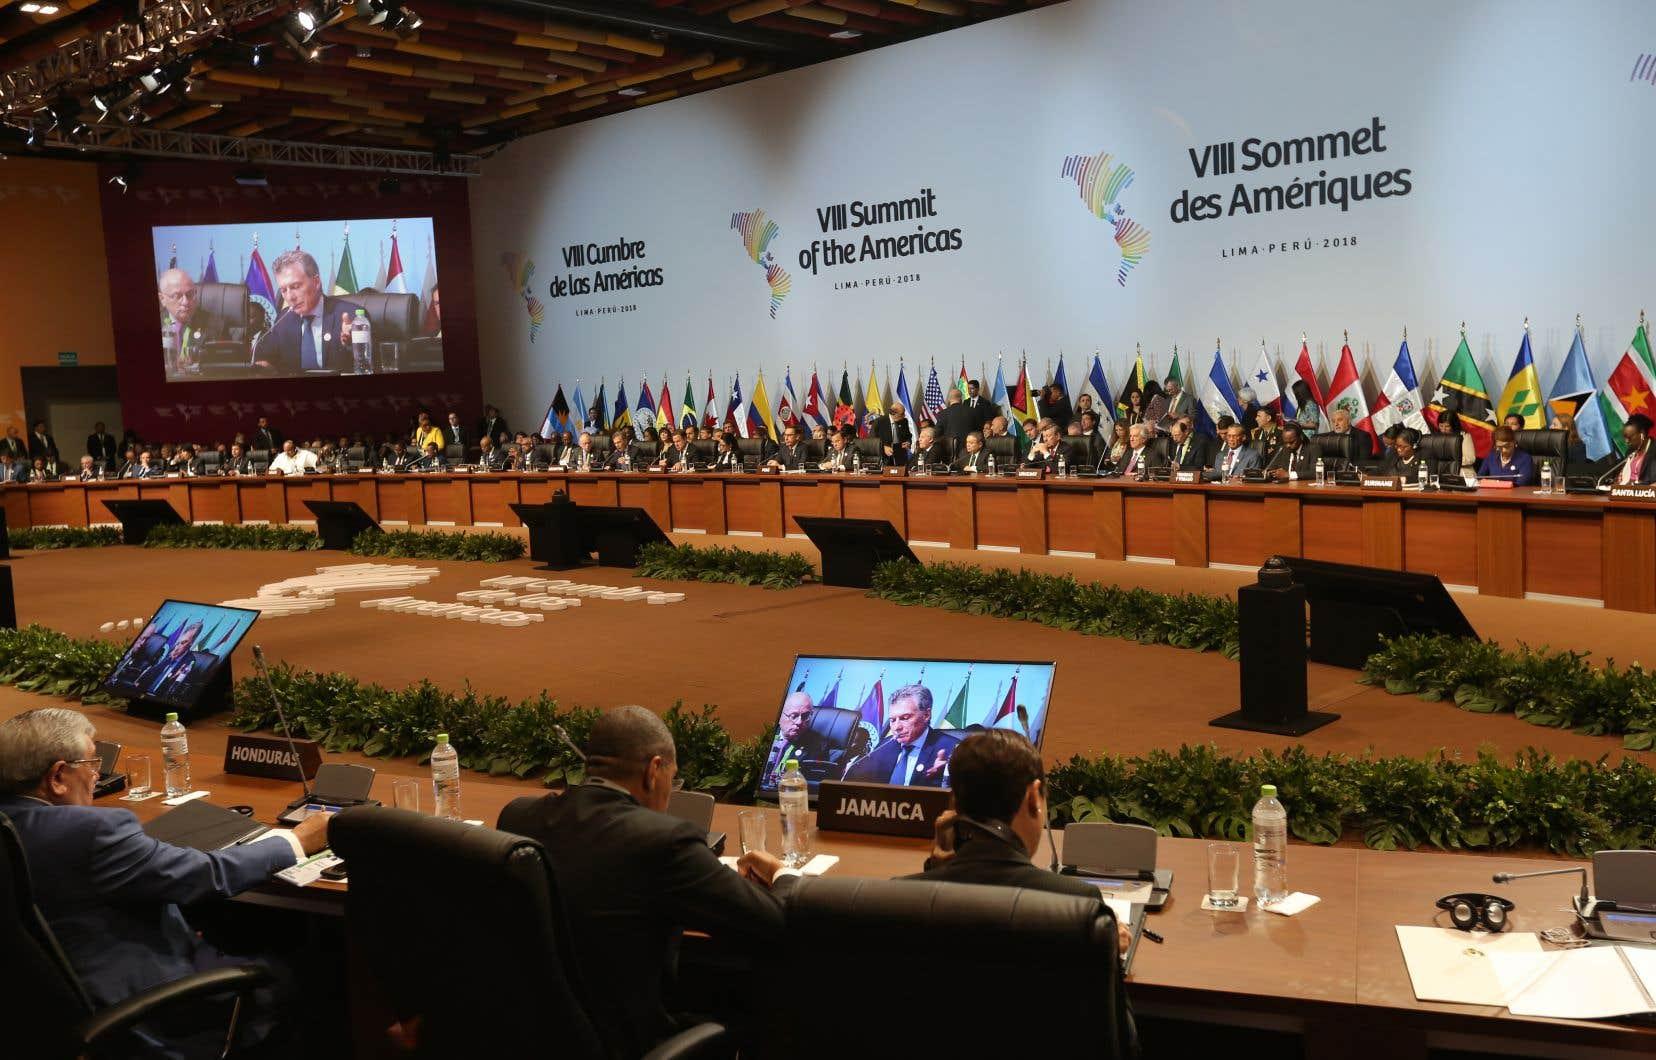 Une majorité des 33 pays du Sommet des Amériques ont soutenu les frappes occidentales en Syrie mais ils se sont divisés sur le Venezuela.